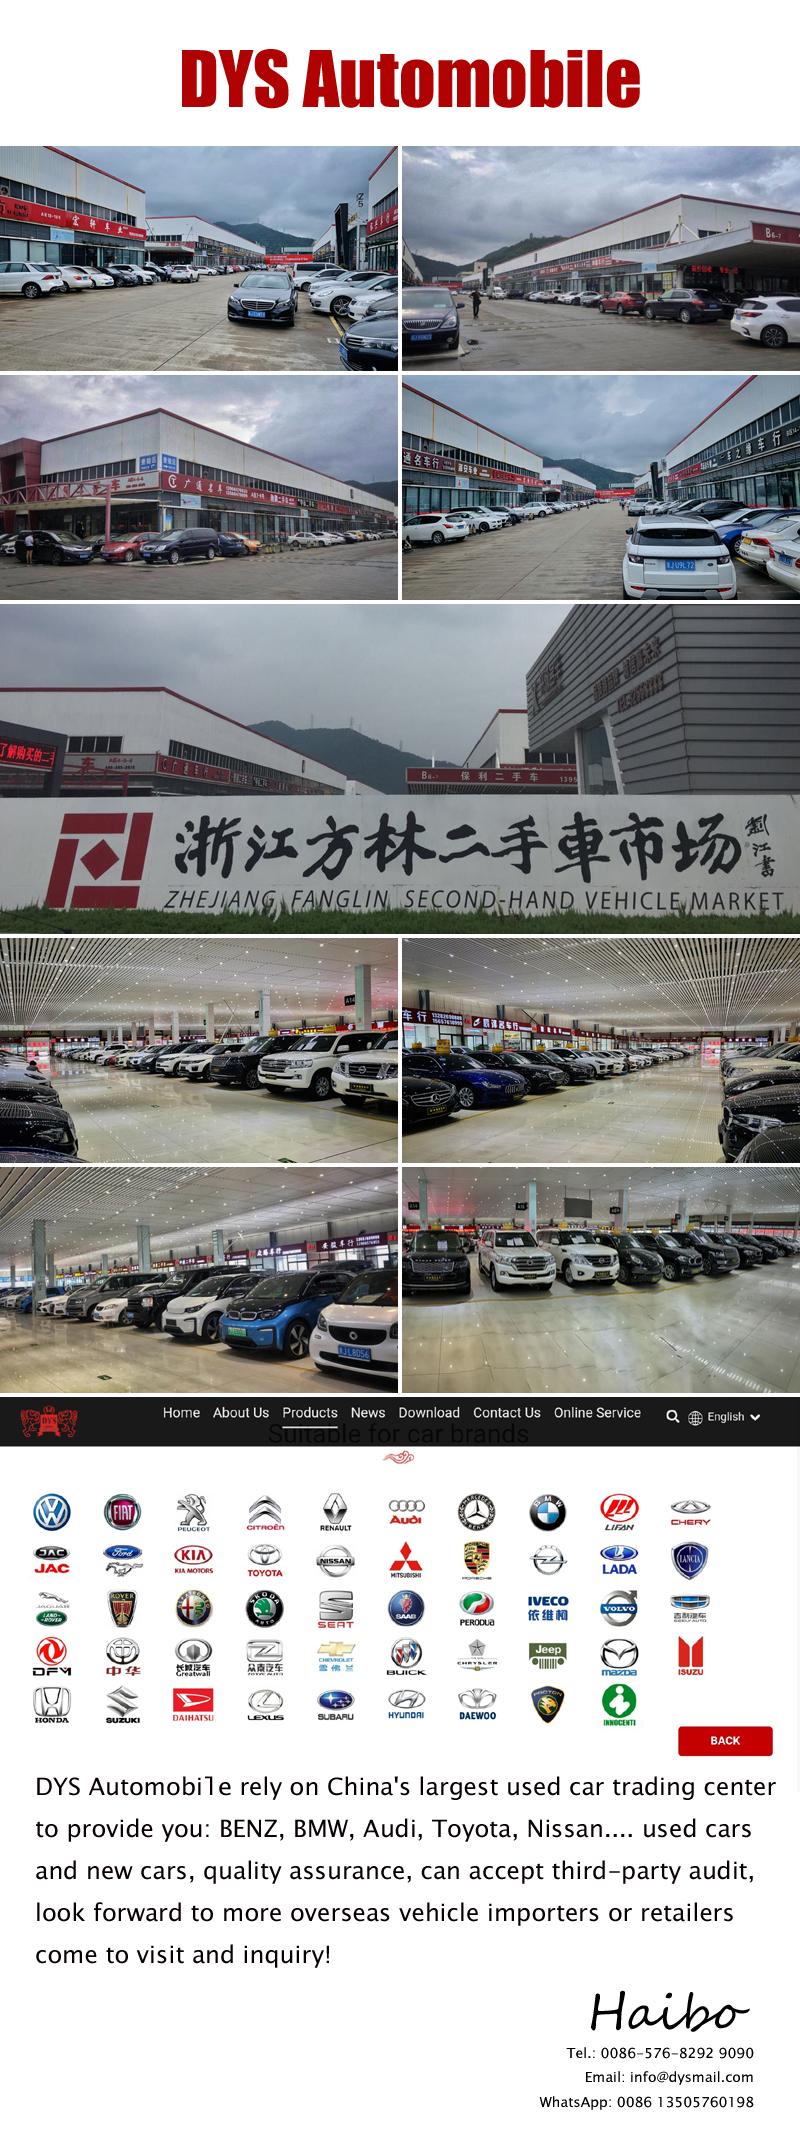 DYS Automobile